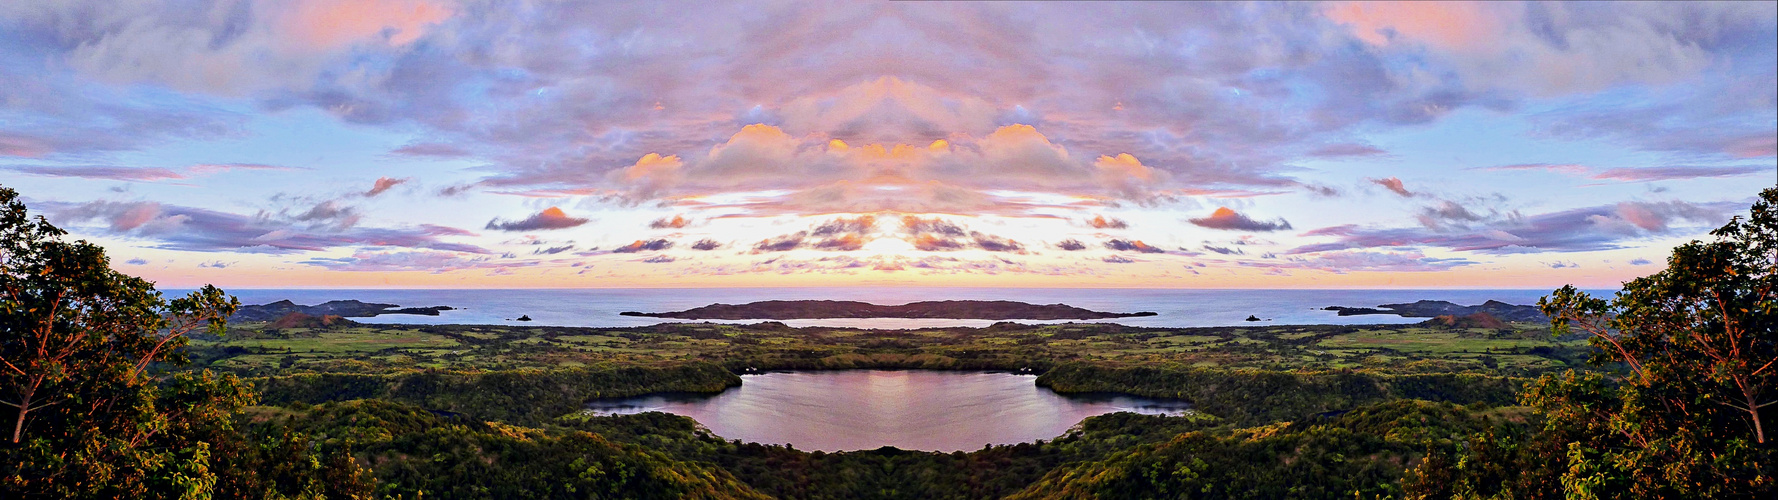 coucher de soleil depuis le mont Passot